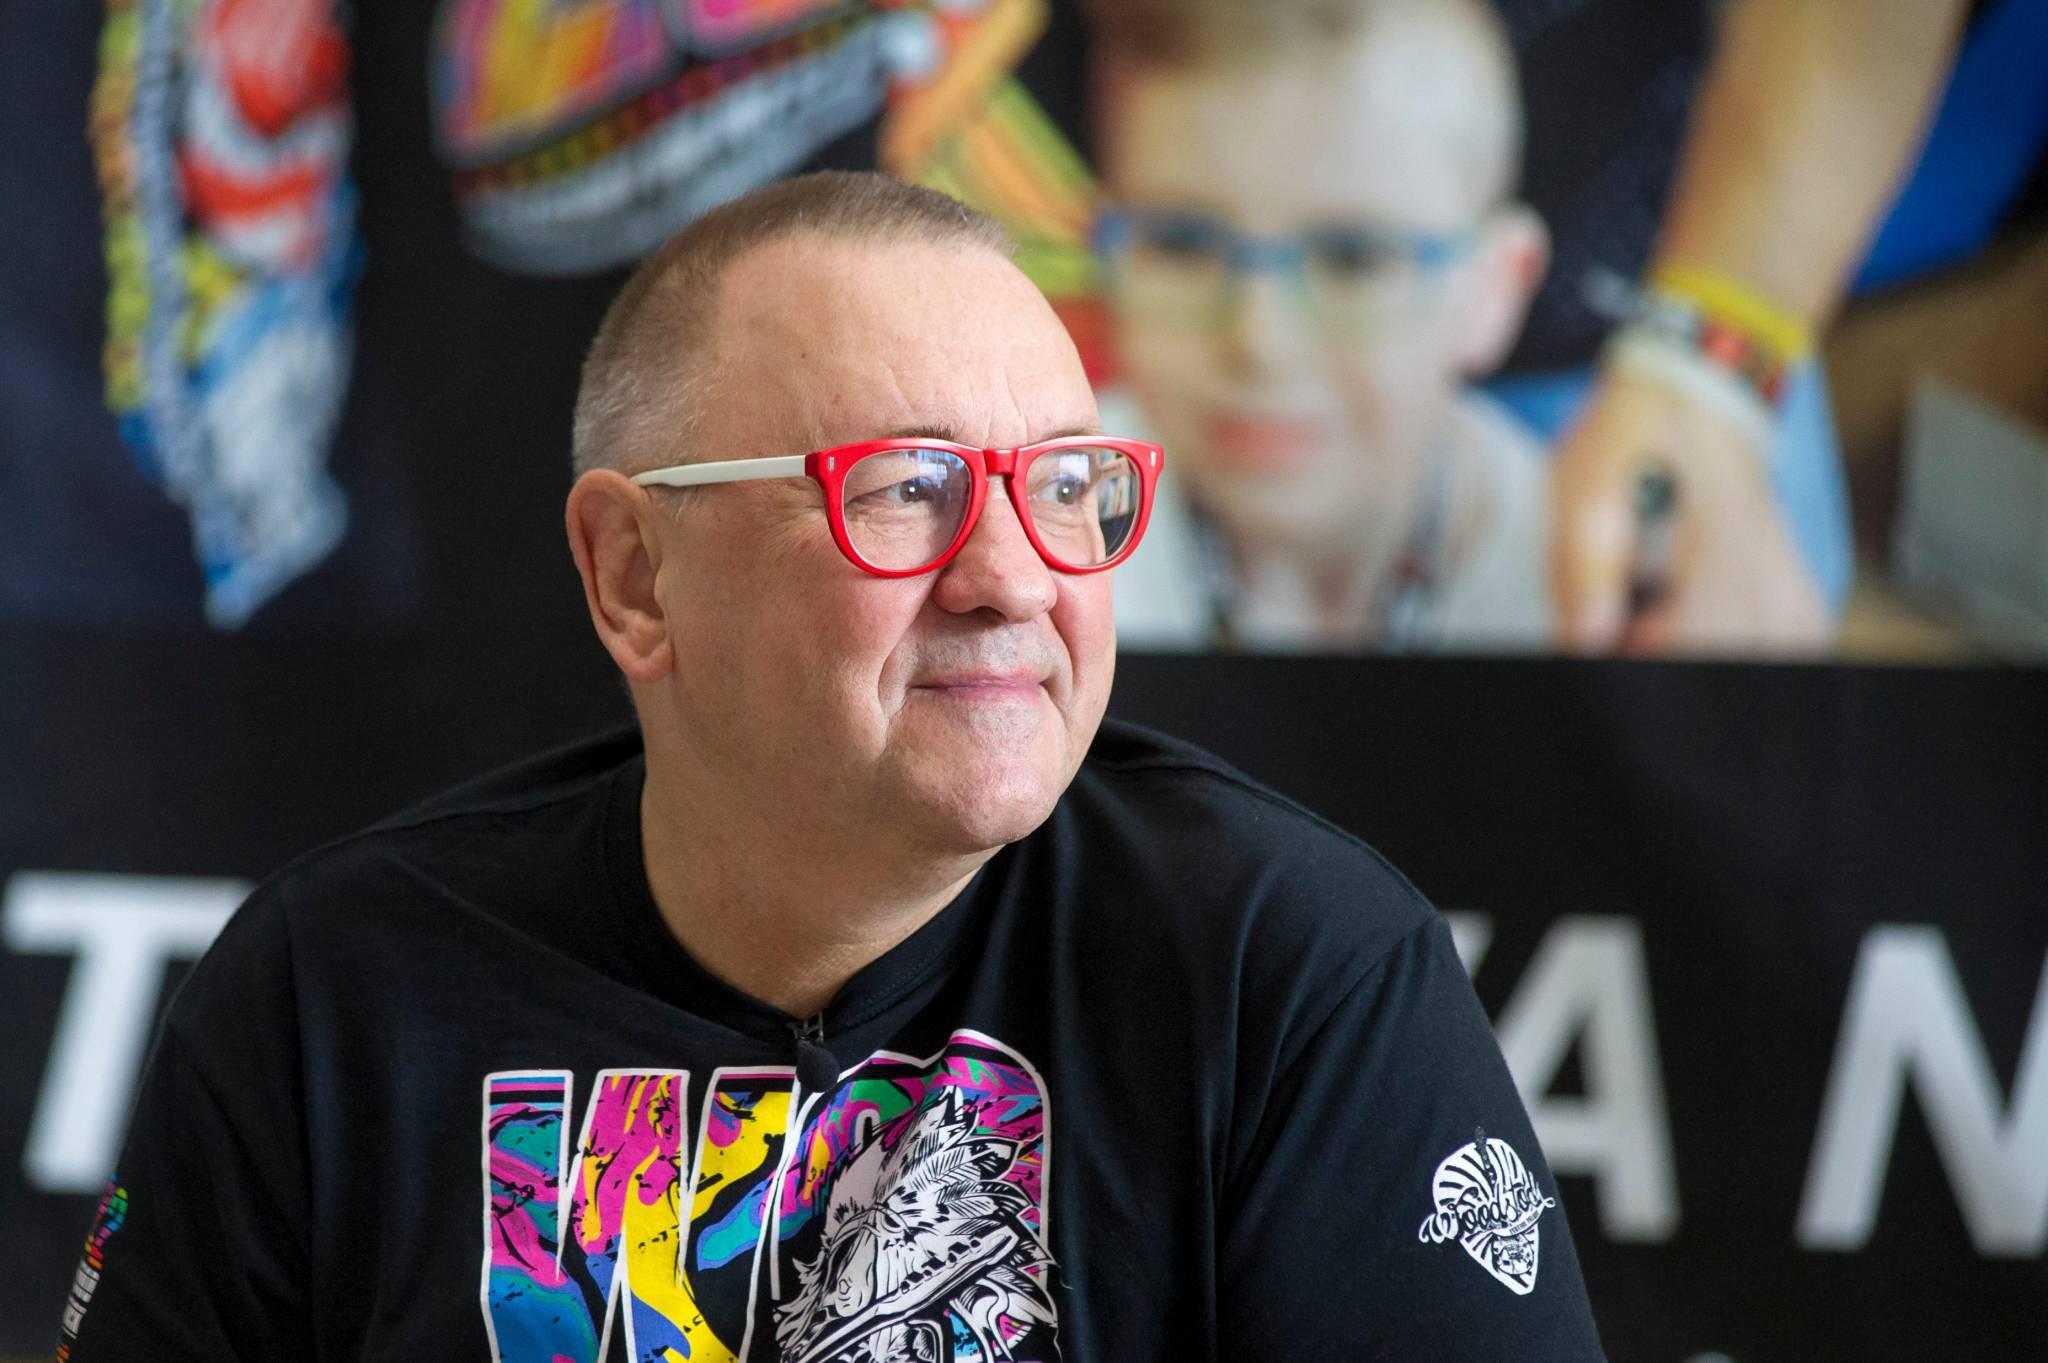 Wielka Orkiestra Świątecznej Pomocy przekaże 20 mln złotych na walkę z koronawirusem